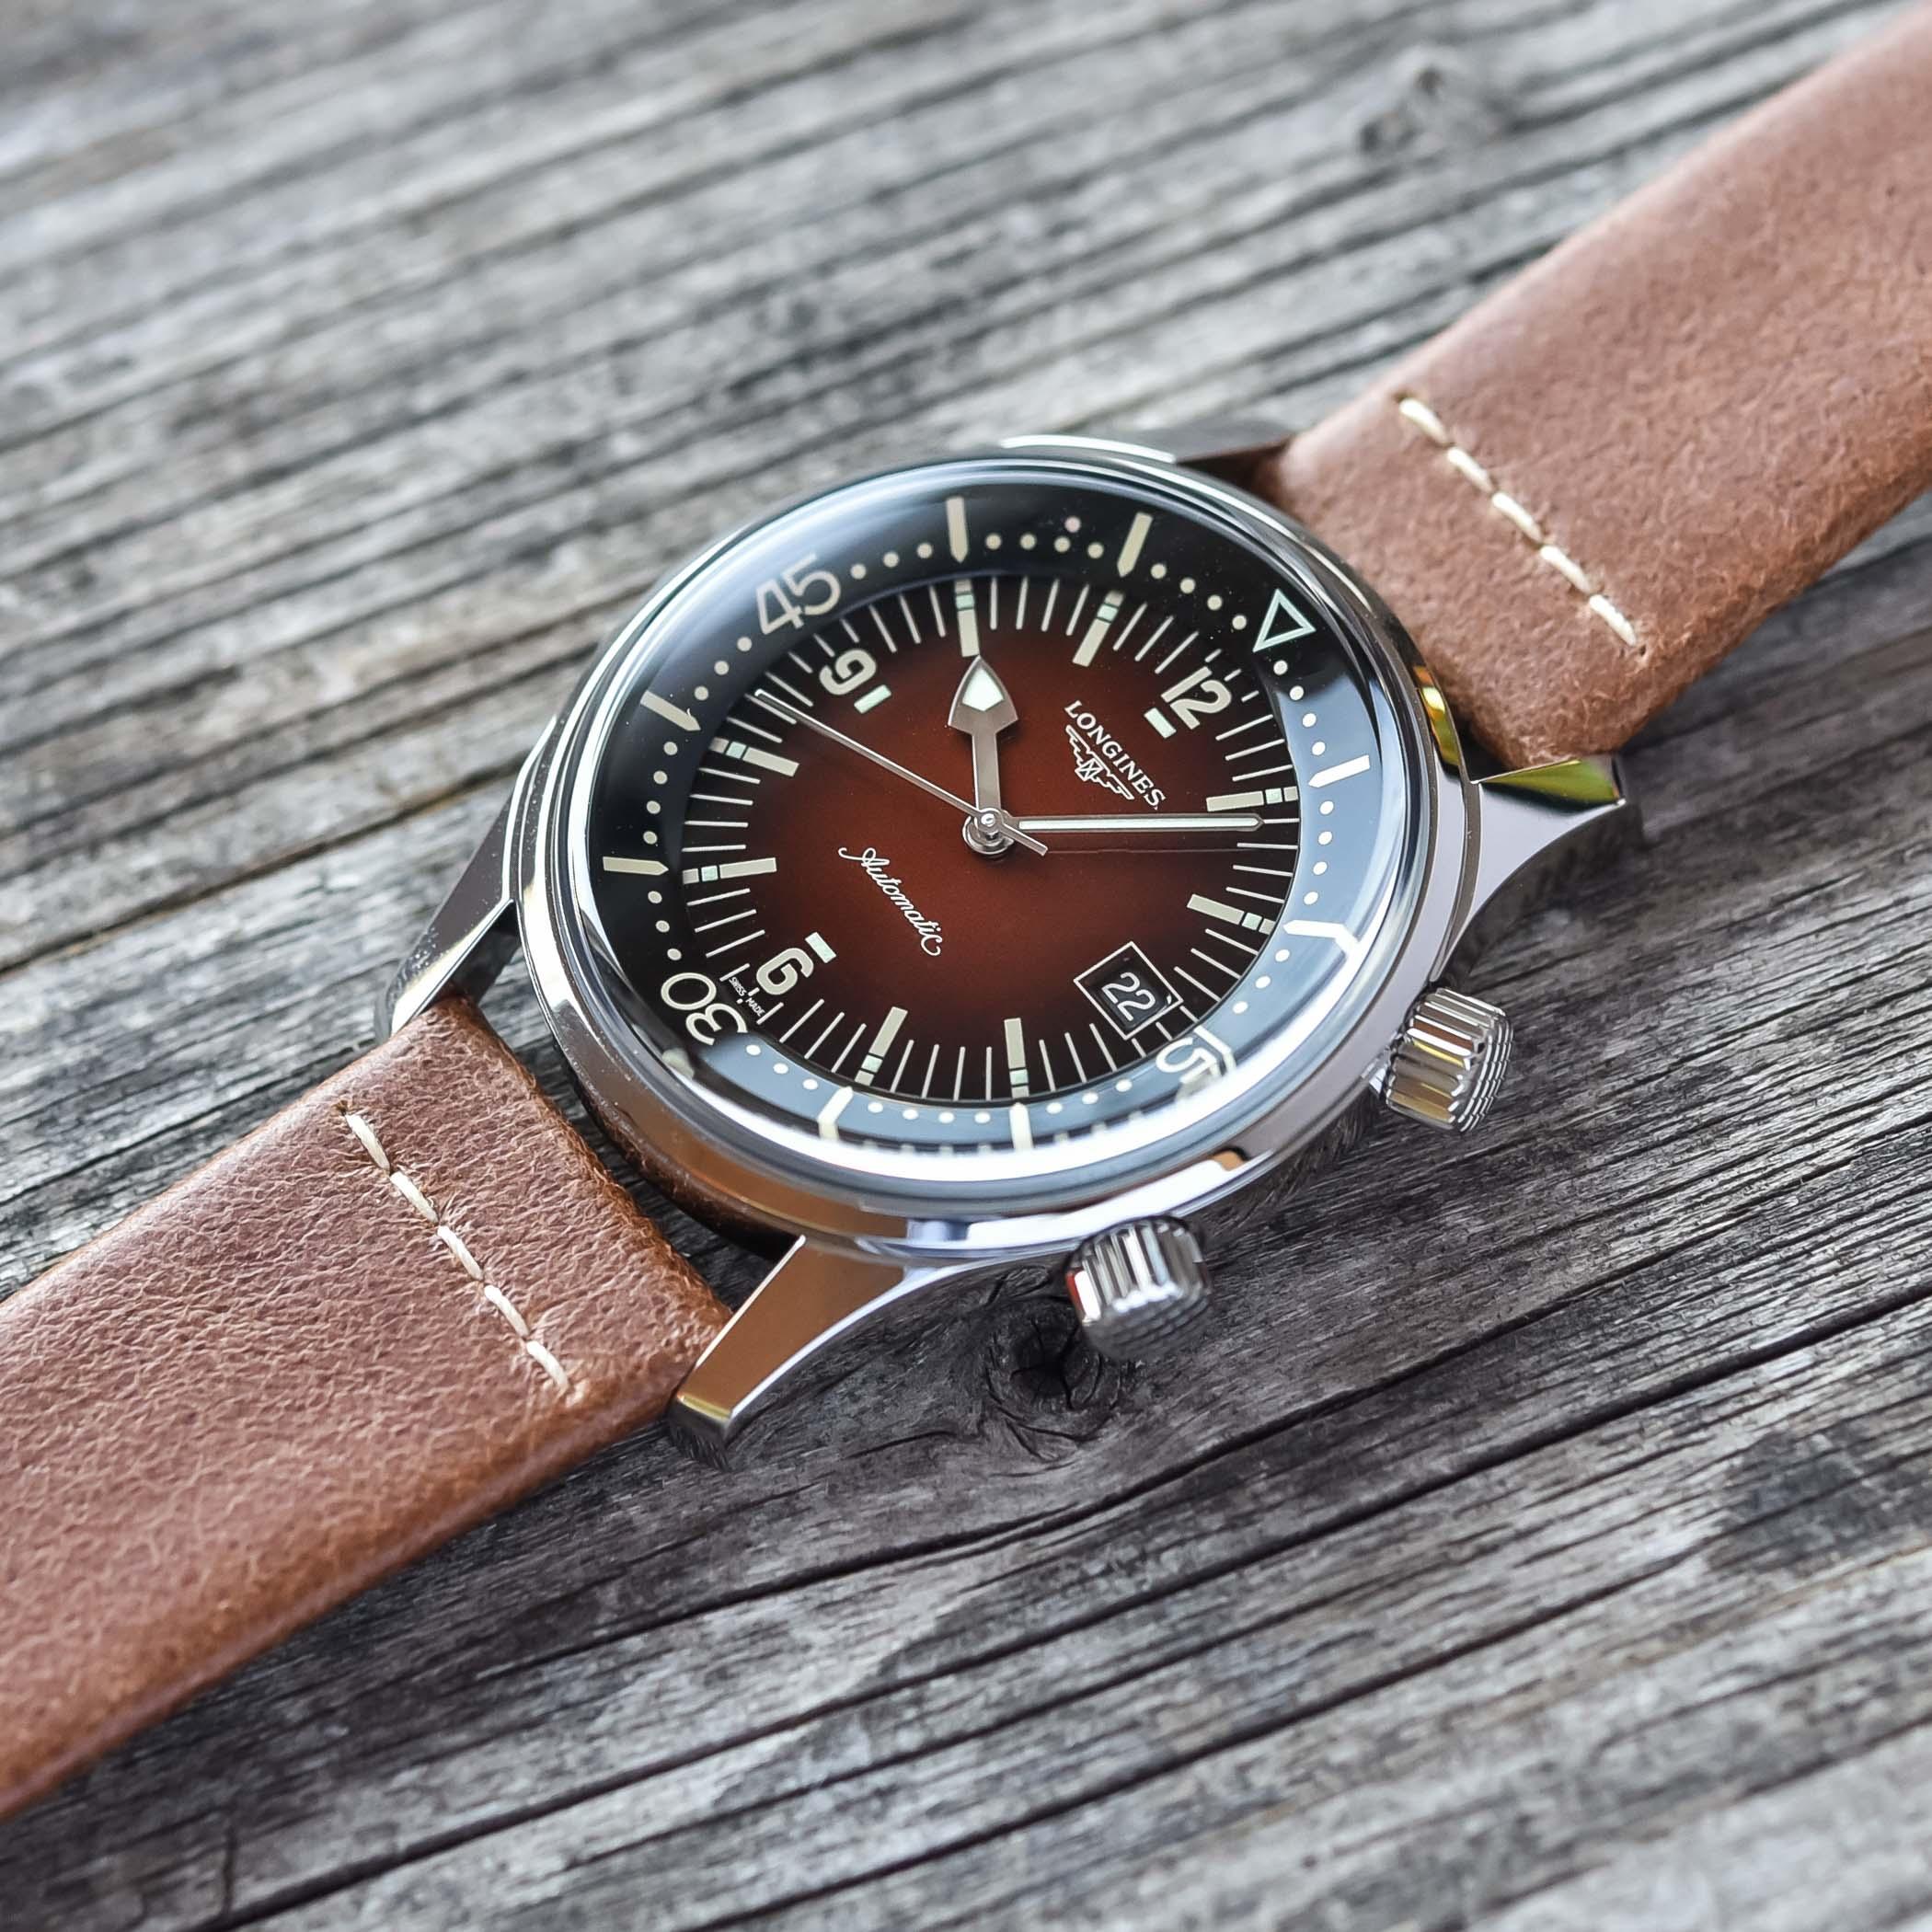 2021 Longines Legend Diver Gradient Brown L3.774.4.60.2 - review - 1